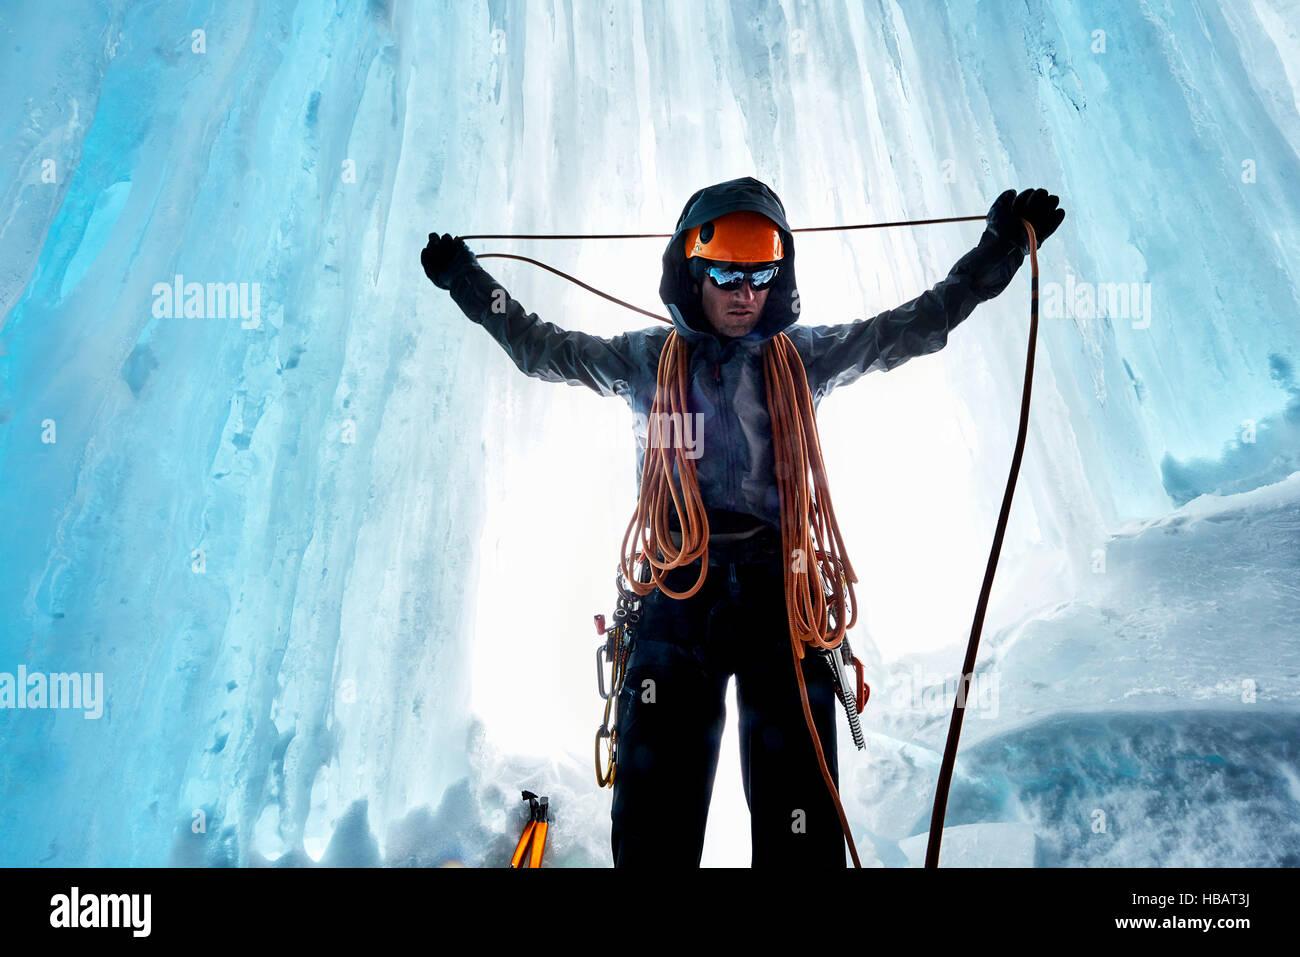 El hombre en la cueva de hielo preparando la cuerda de escalada, Saas Fee, Suiza Imagen De Stock